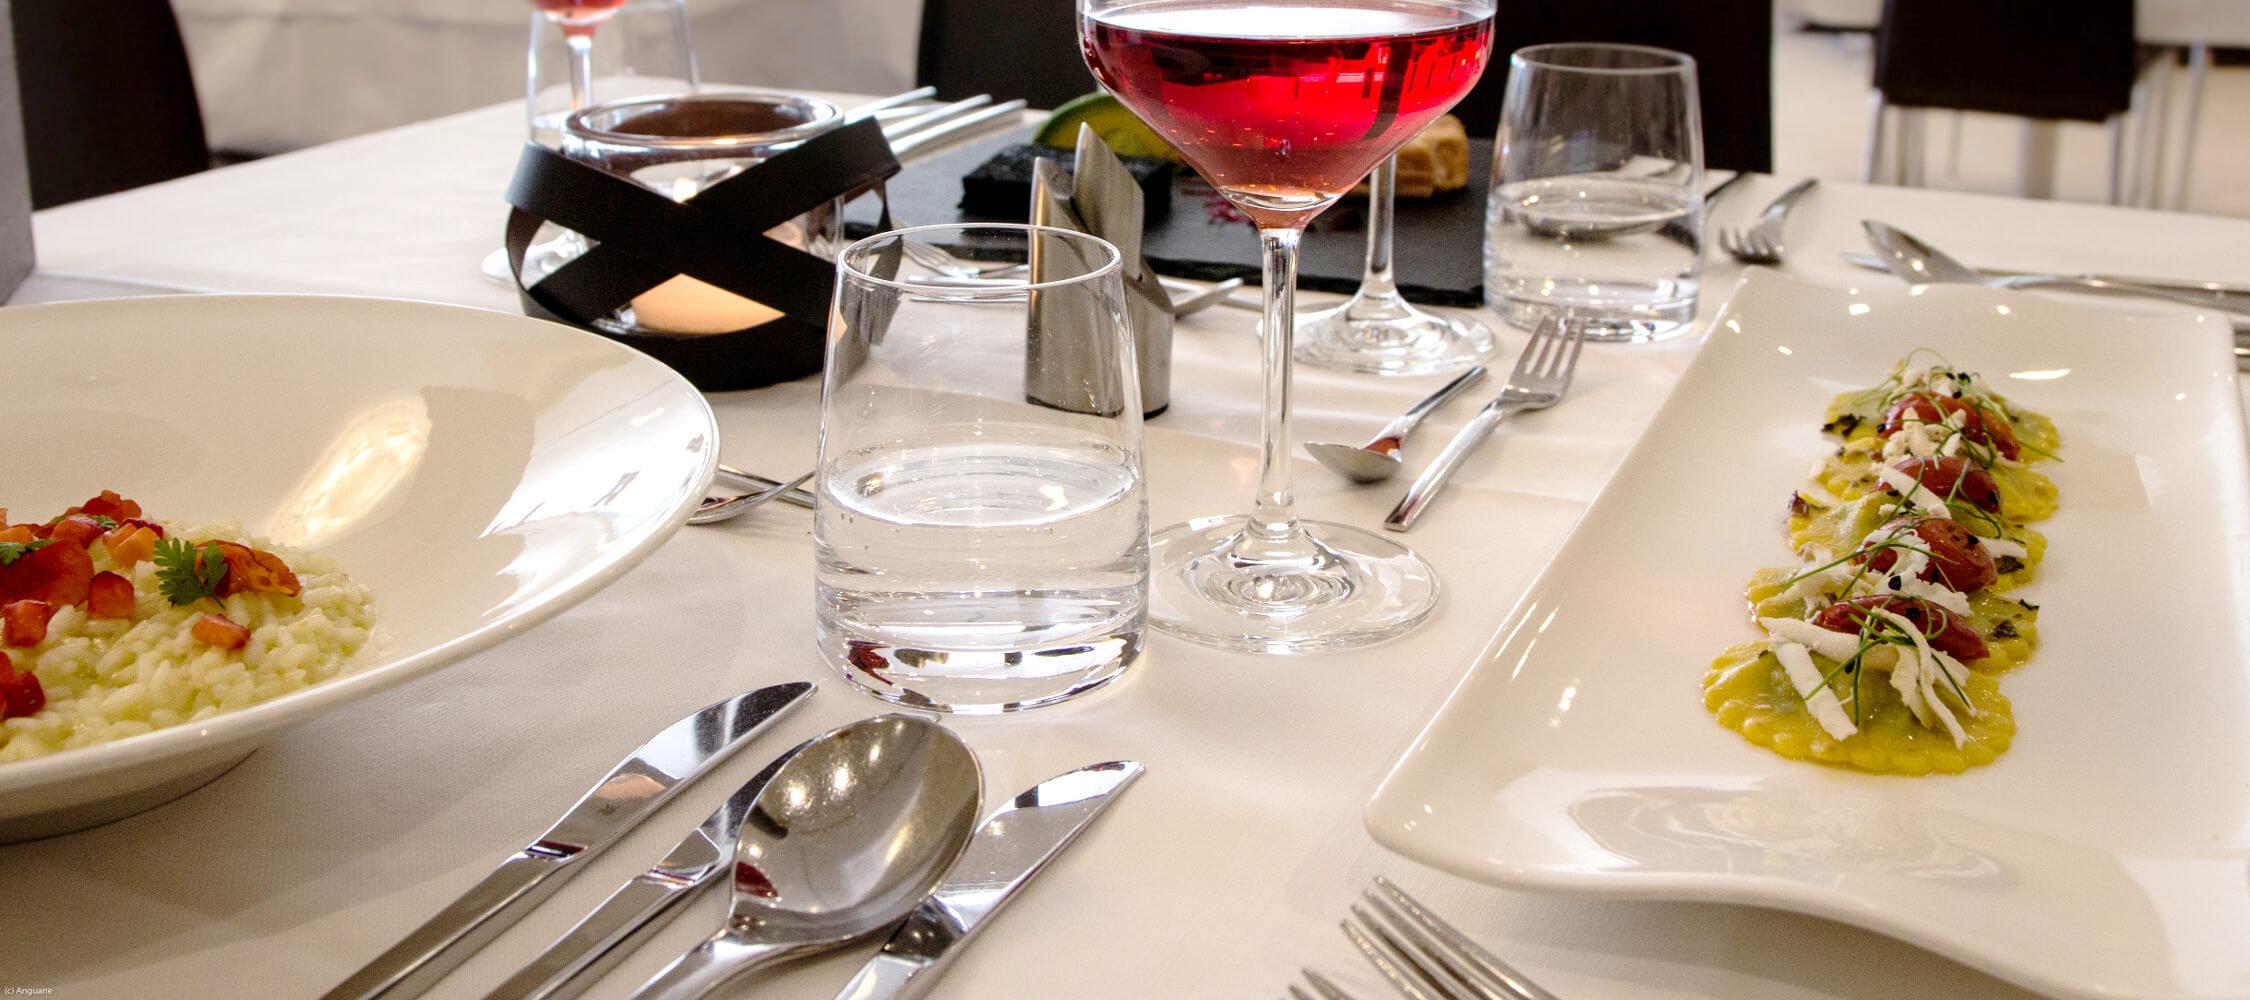 Restaurant_Tapas_Bar_The_Gallery_City_Hotel_Merano_Essen_Vegetarisch_Nudeln_Ravioli_Risotto_Tapas_Vorspeise_Hauptspeise_Dinner_Abend_Menu_Anguane_20170330-IMG_8827_2250x1000